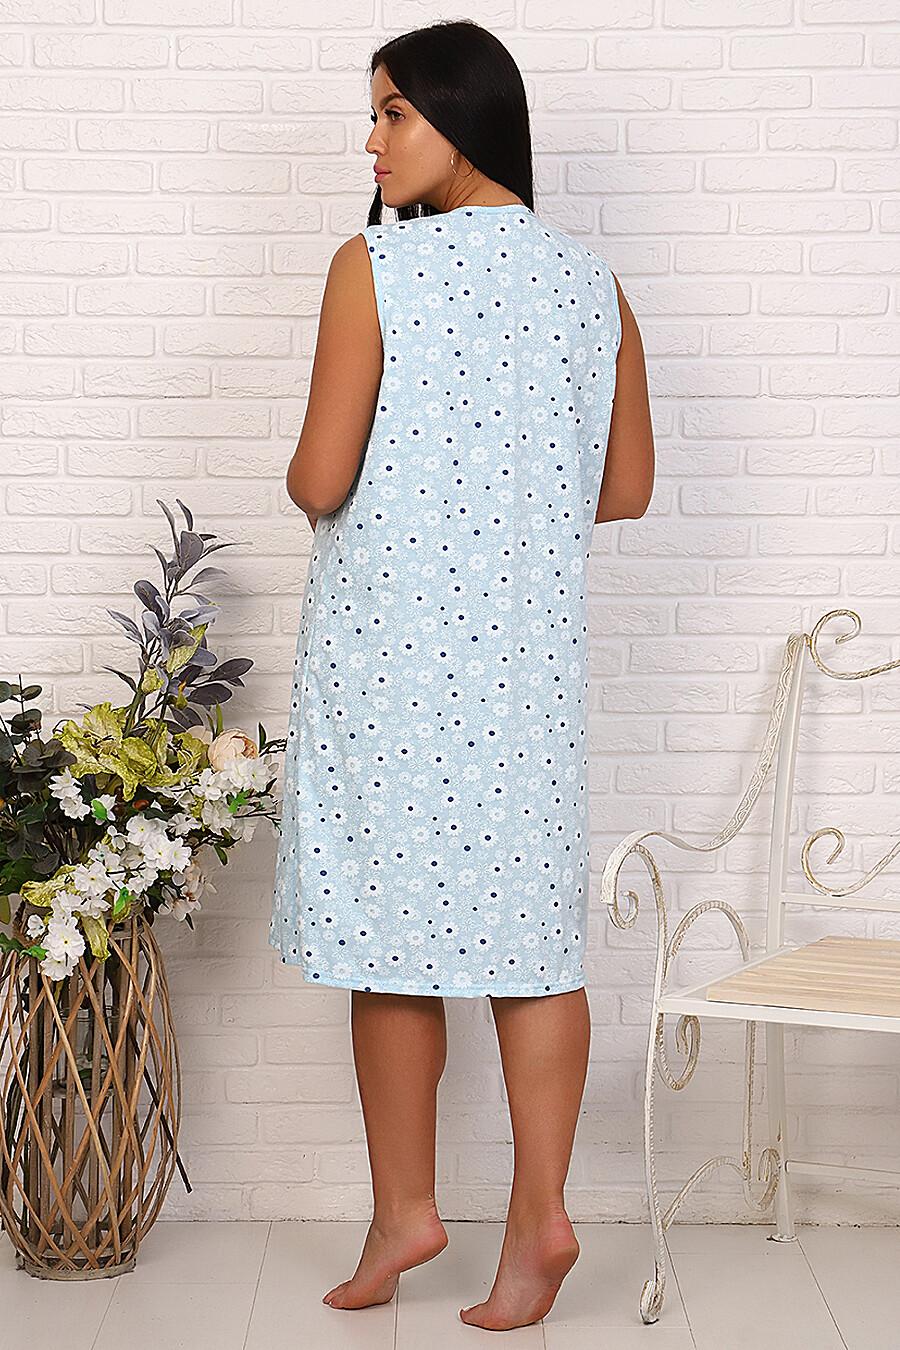 Сорочка 15126 для женщин НАТАЛИ 649334 купить оптом от производителя. Совместная покупка женской одежды в OptMoyo